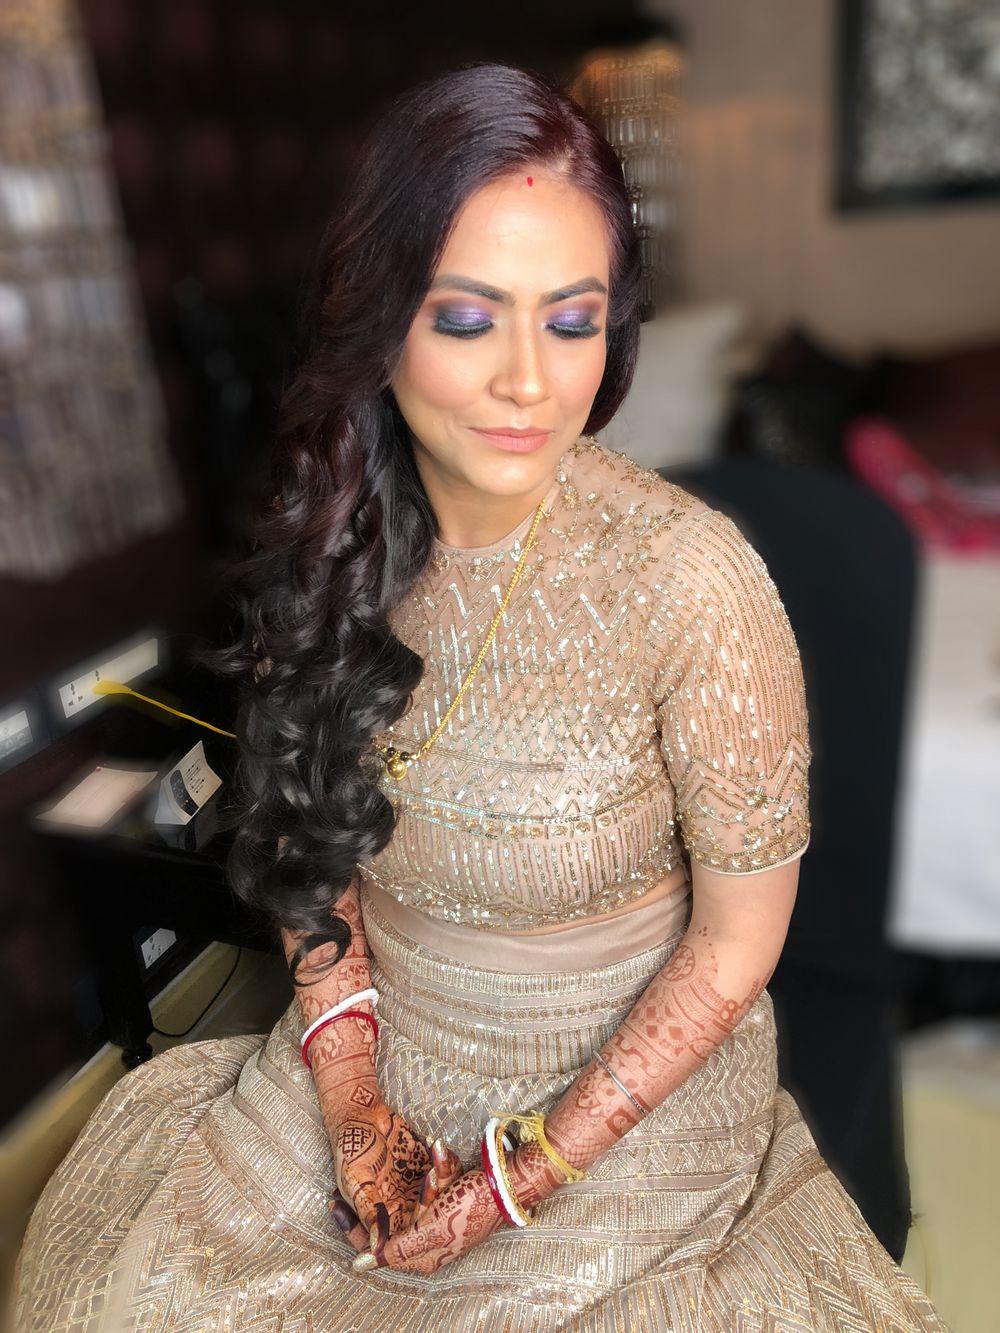 Photo From Ankita  - By Instaura by Nehaa